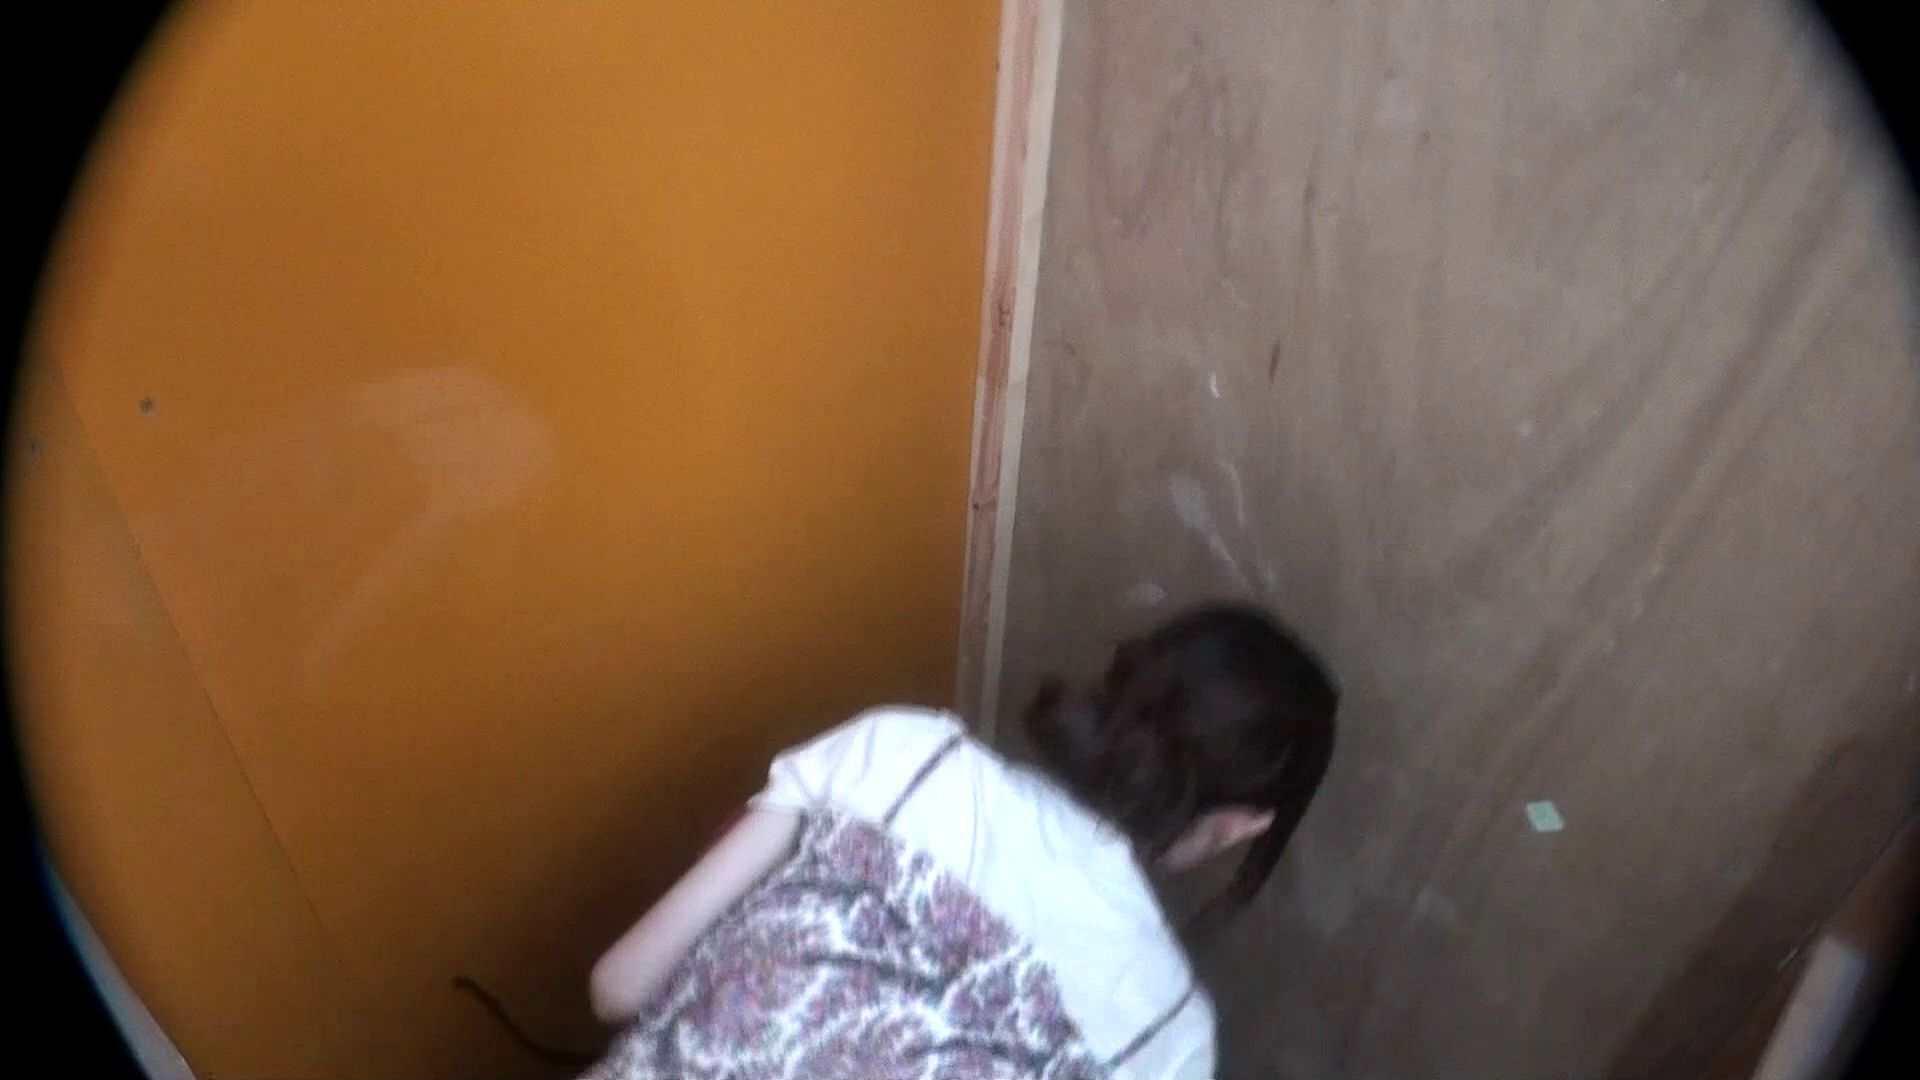 シャワールームは超!!危険な香りVol.29 こっちを向いて欲しい貧乳姉さん OLセックス  69画像 20